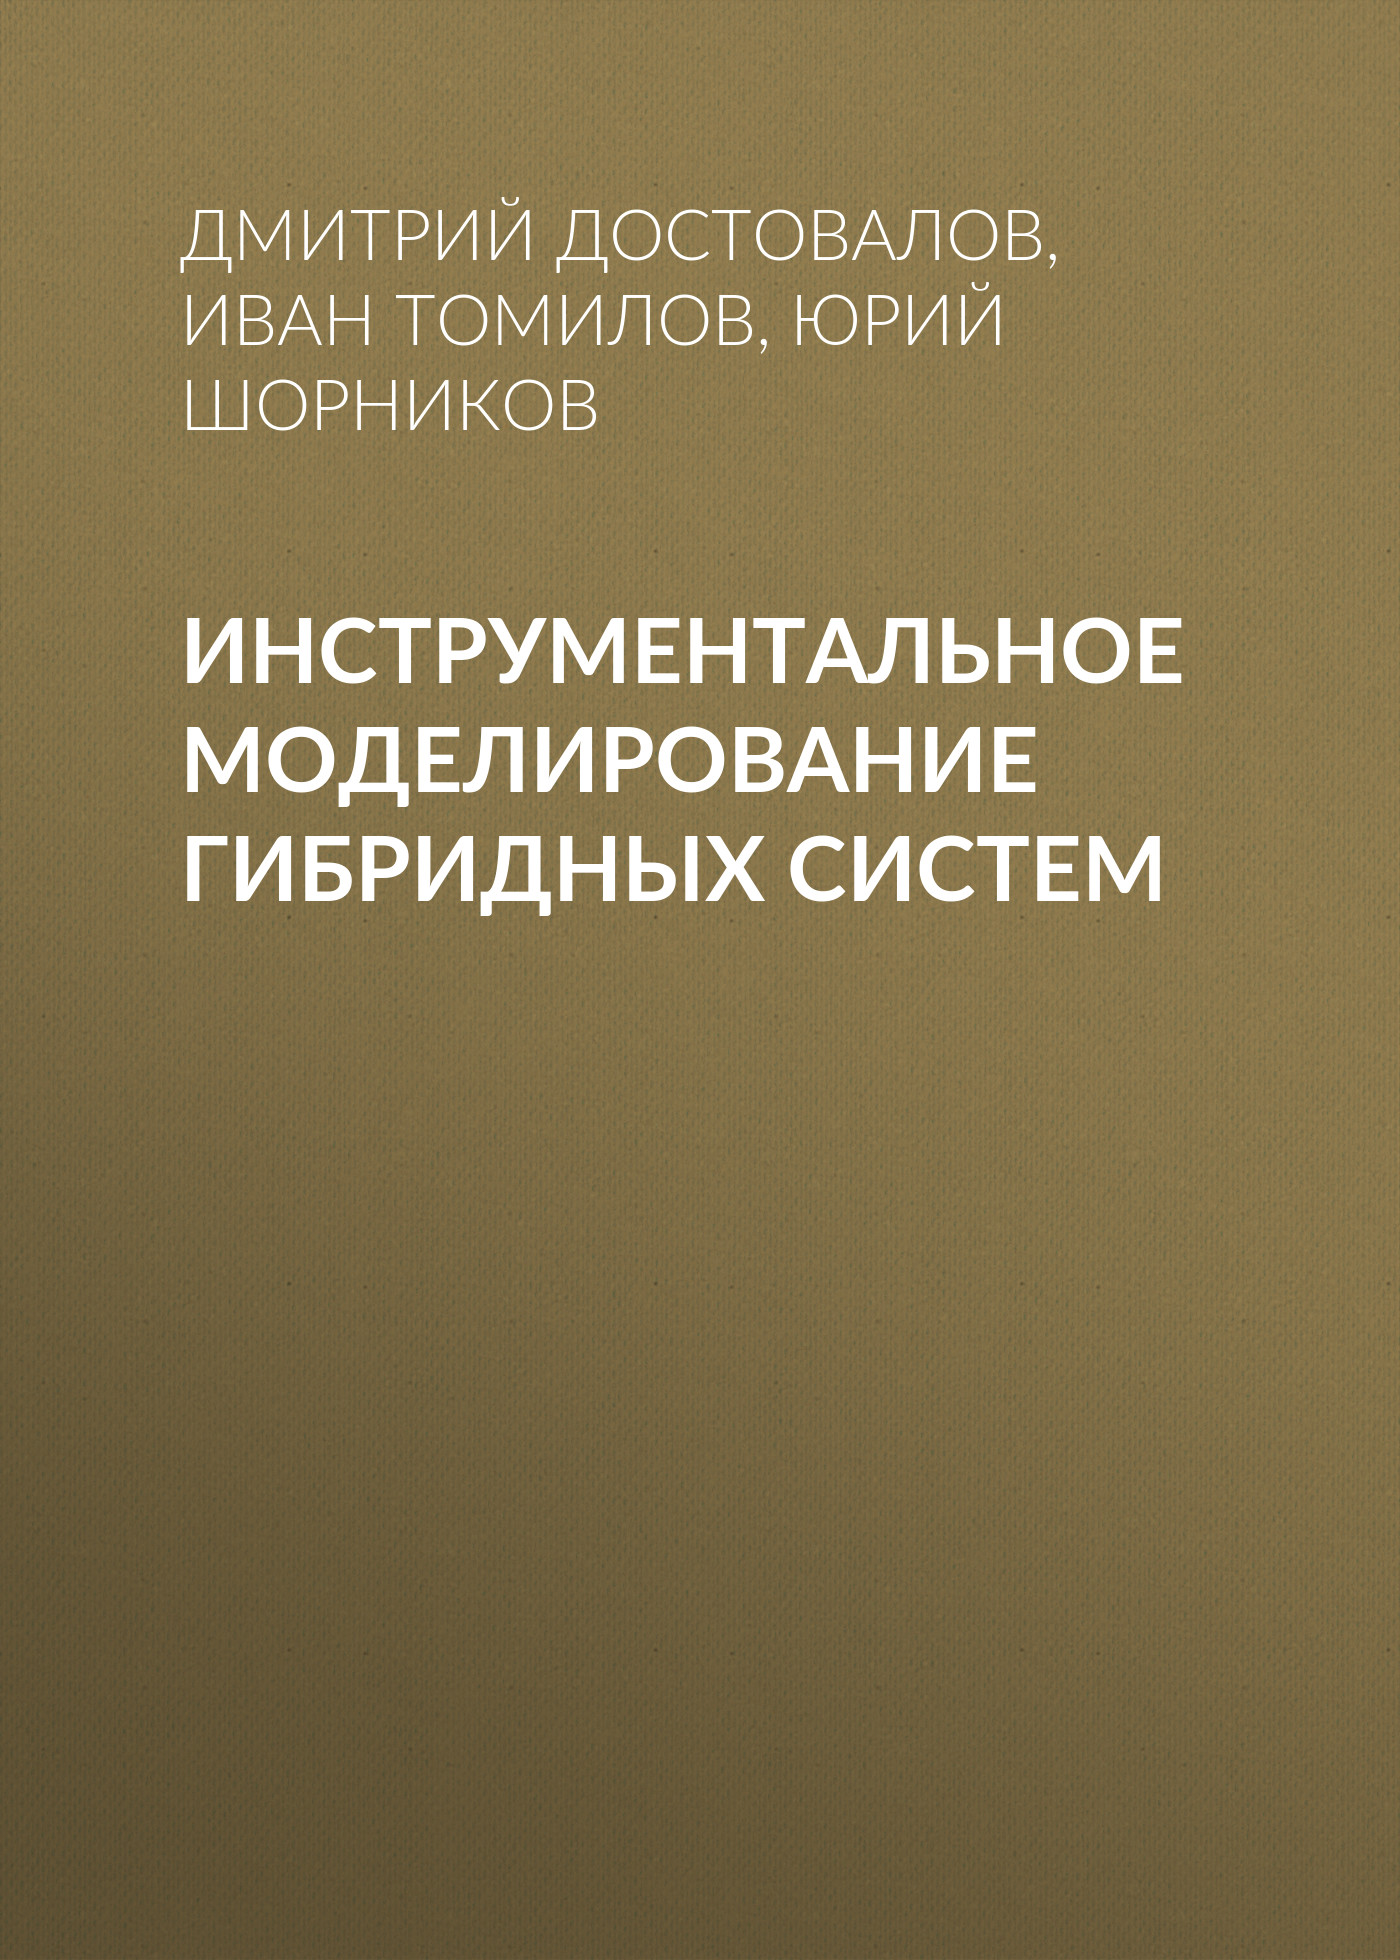 Фото - Иван Томилов Инструментальное моделирование гибридных систем иван томилов инструментальное моделирование гибридных систем